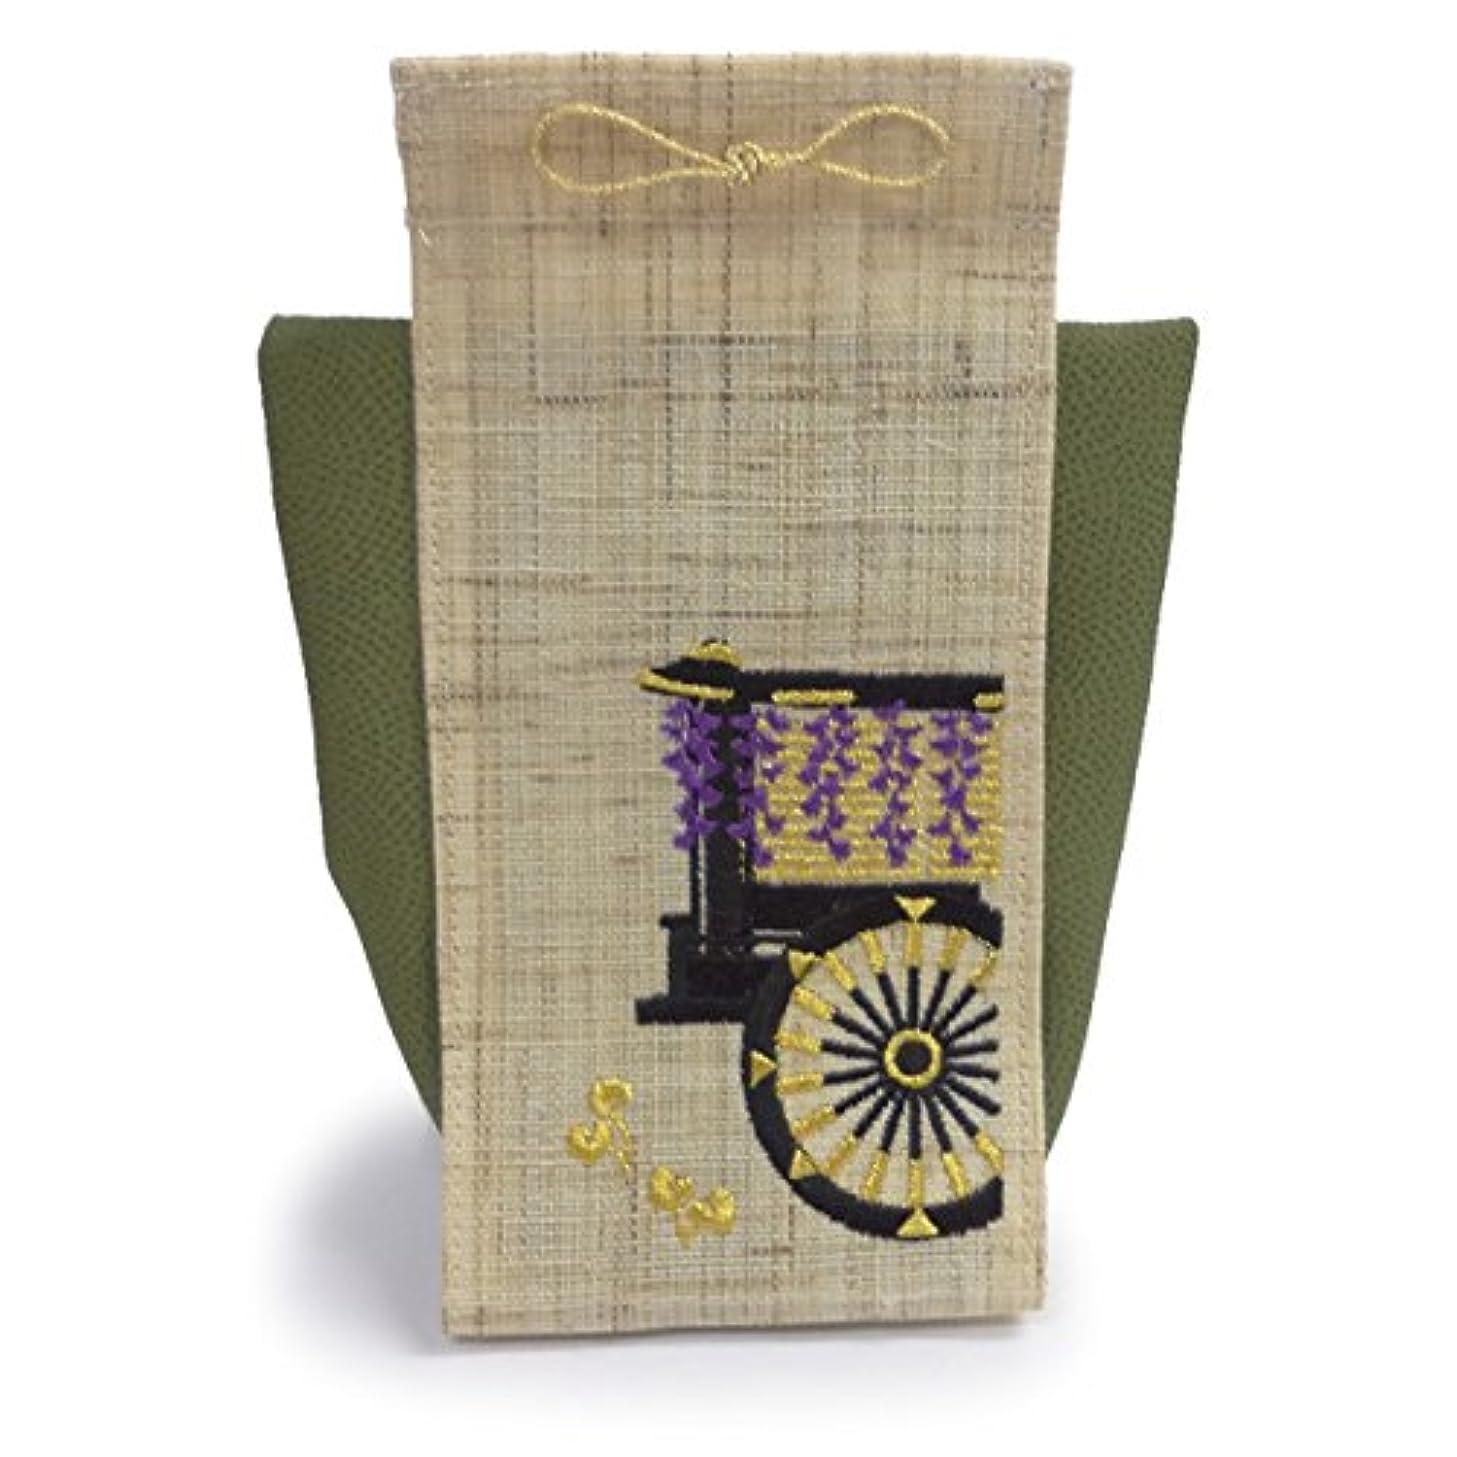 通り抜ける洗練された大胆香飾り 京の風物詩 葵祭